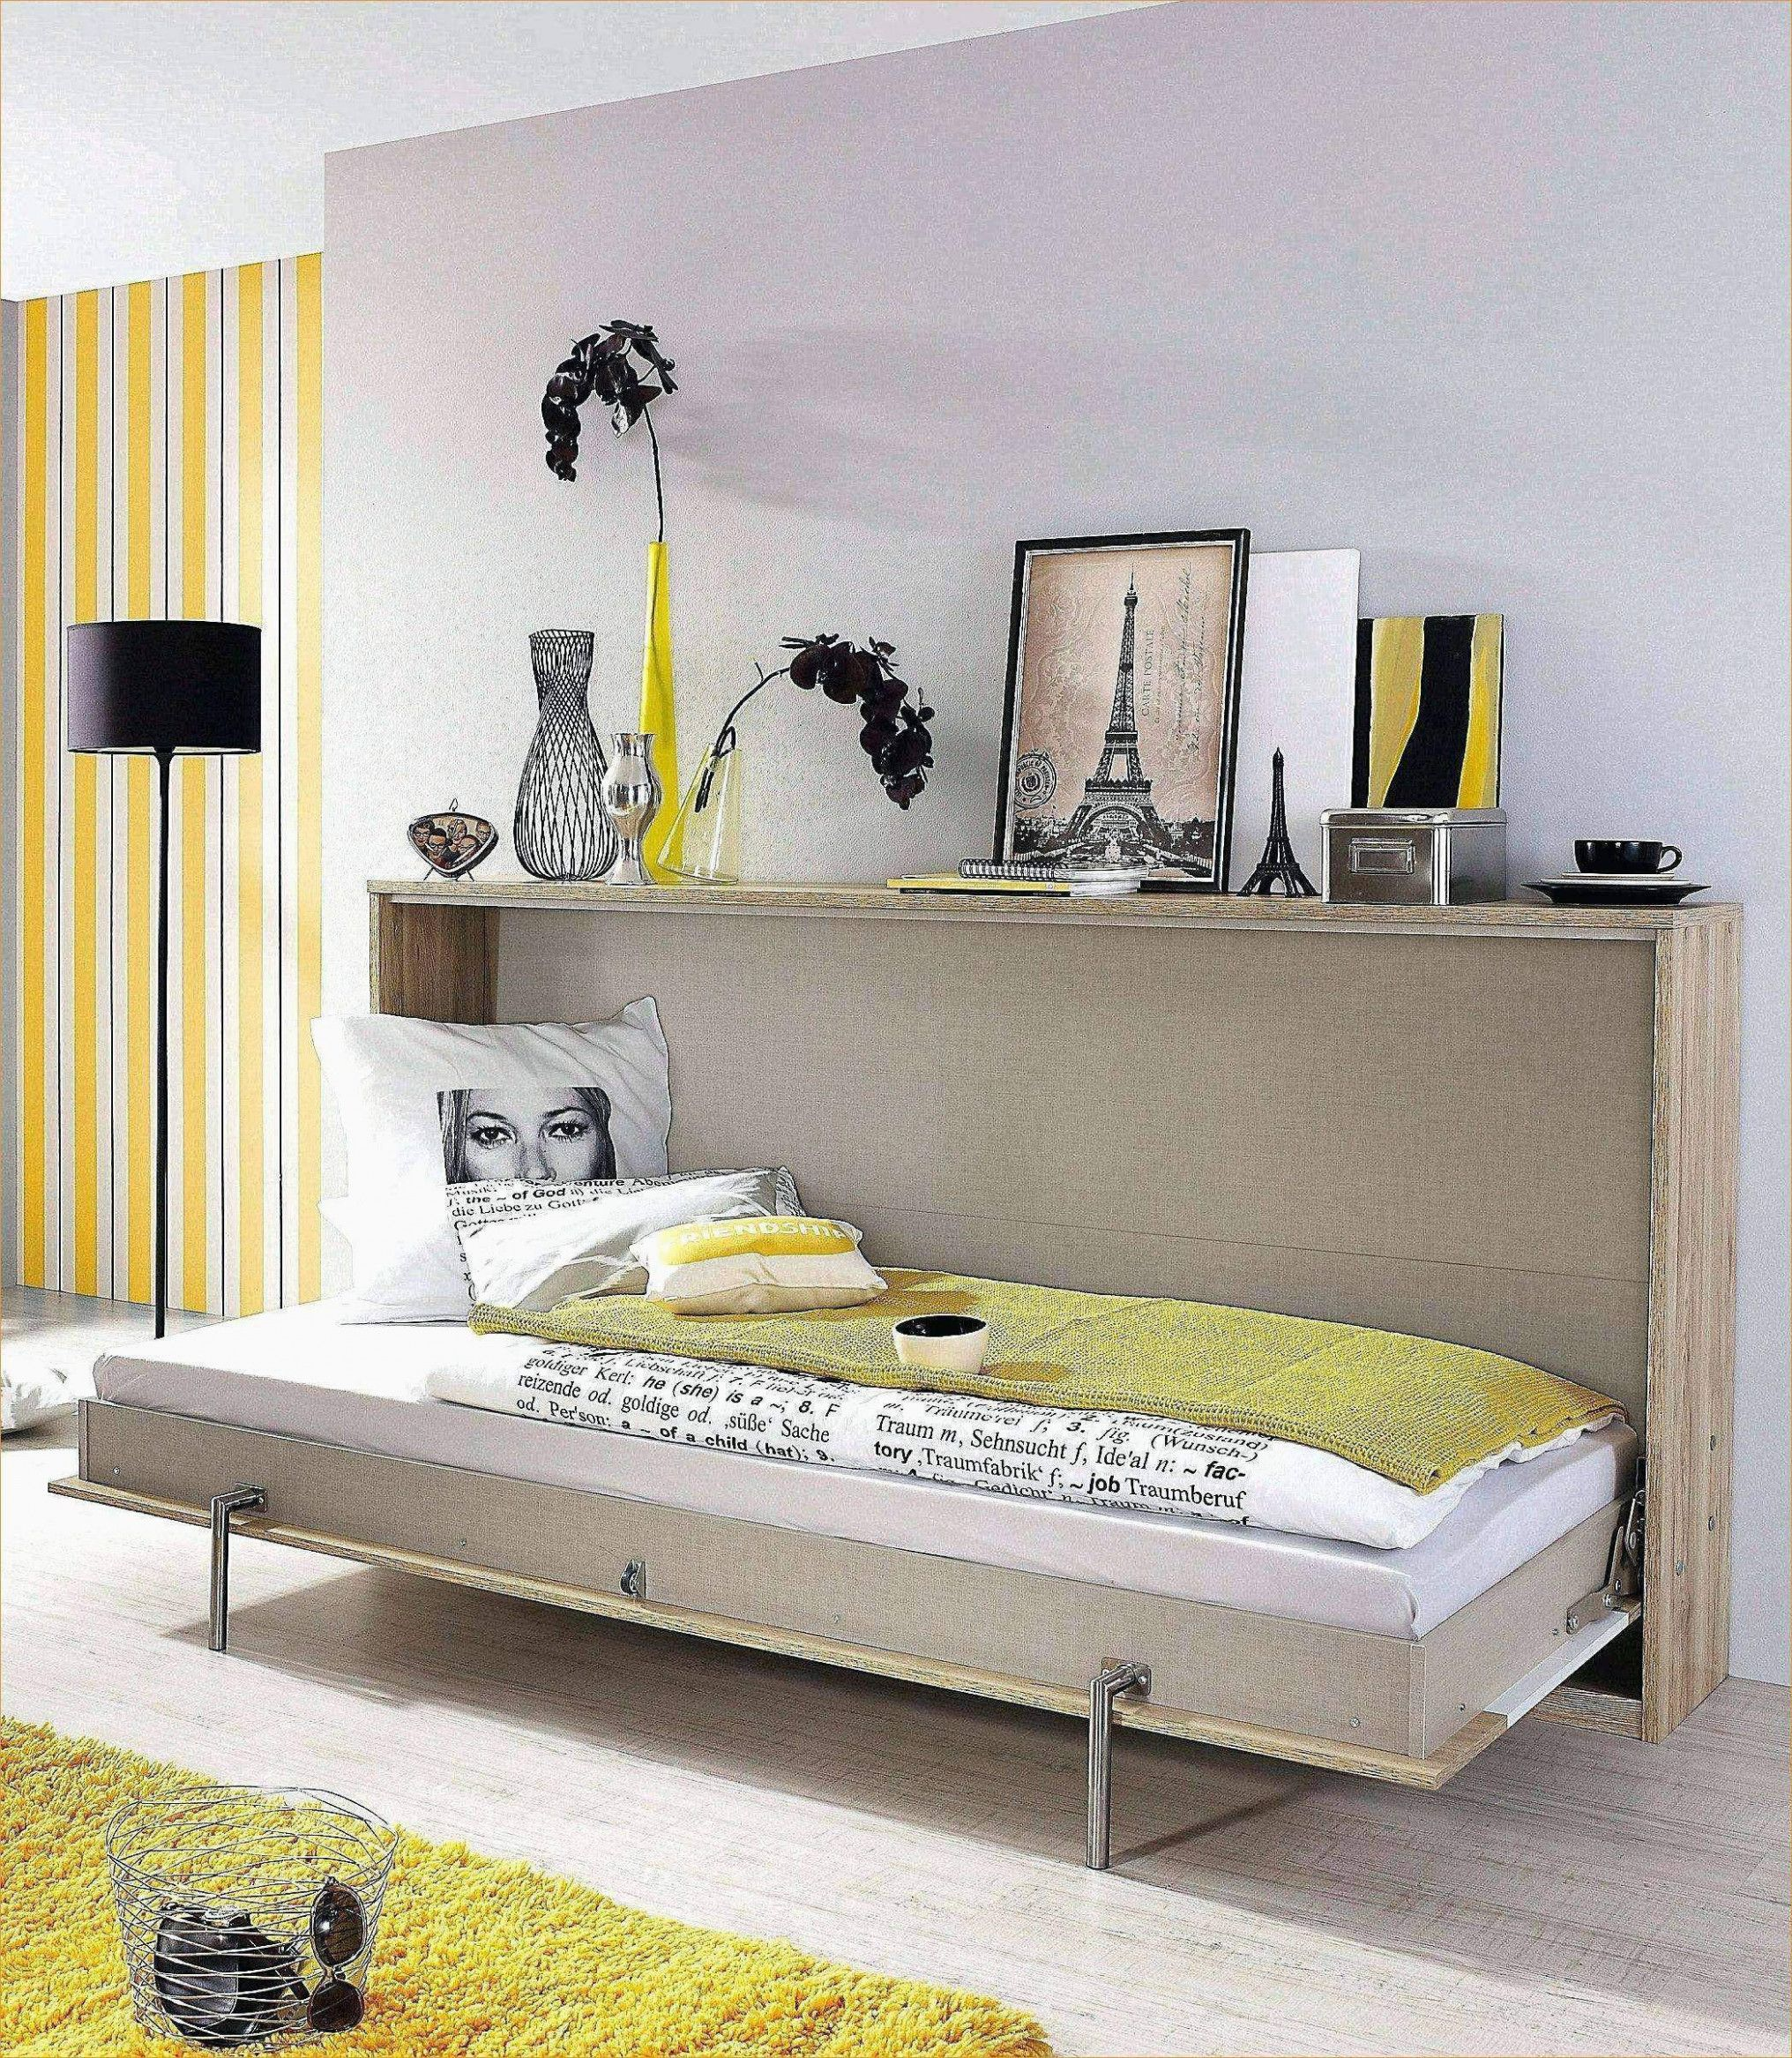 10 Dänisches Bettenlager Wohnzimmerschrank in 10  Wohnzimmer